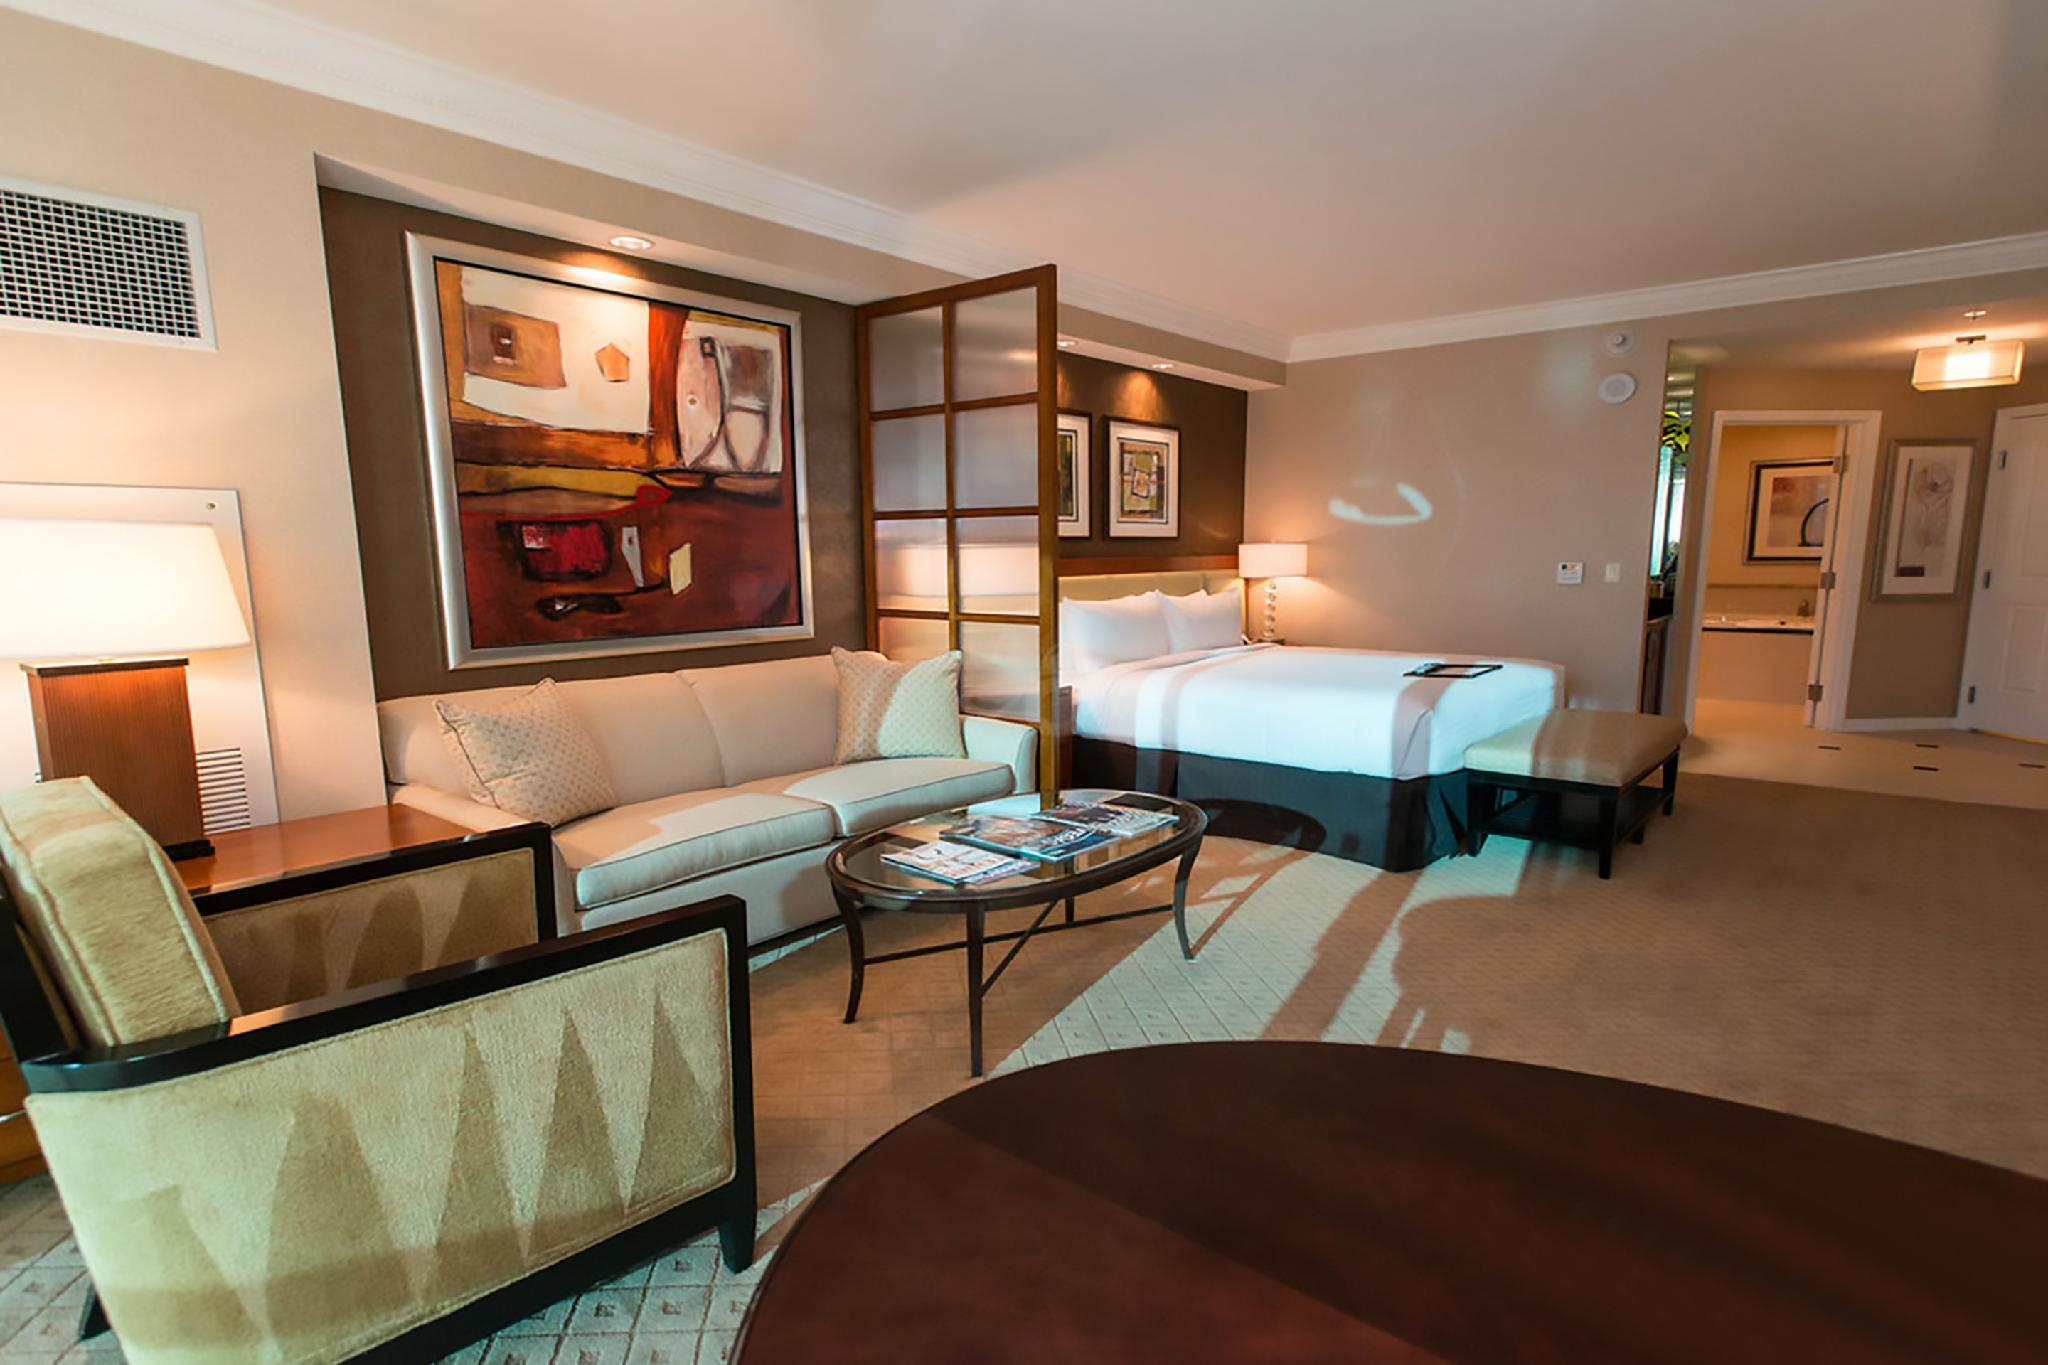 888 Two Bedroom Three Bath Suite At Signature Condo Hotel Las Vegas Nevada Ceny I Otzyvy Na Agoda